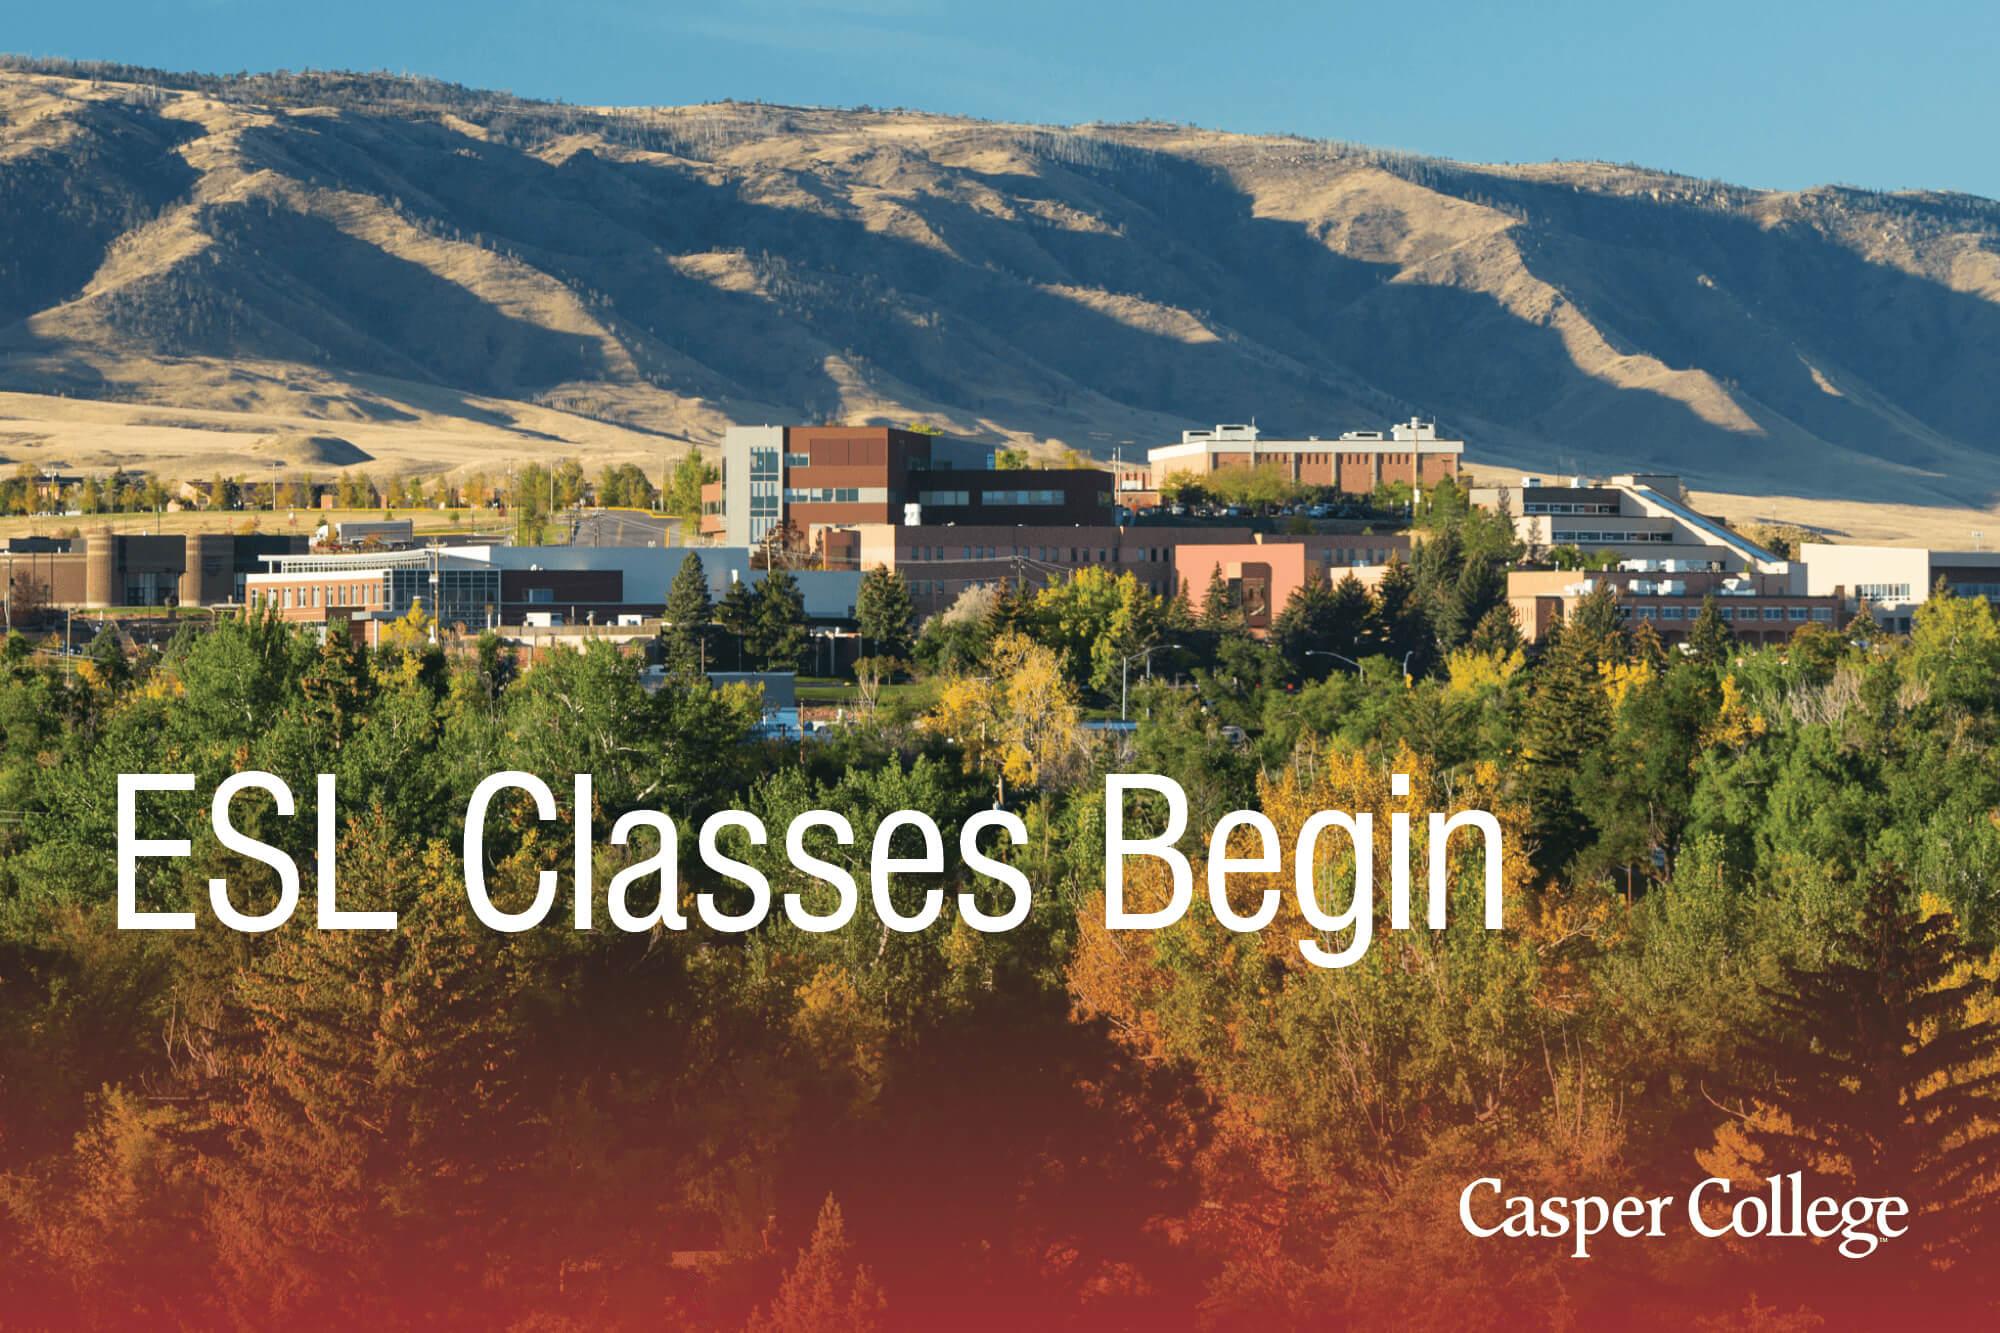 scenic image of campus